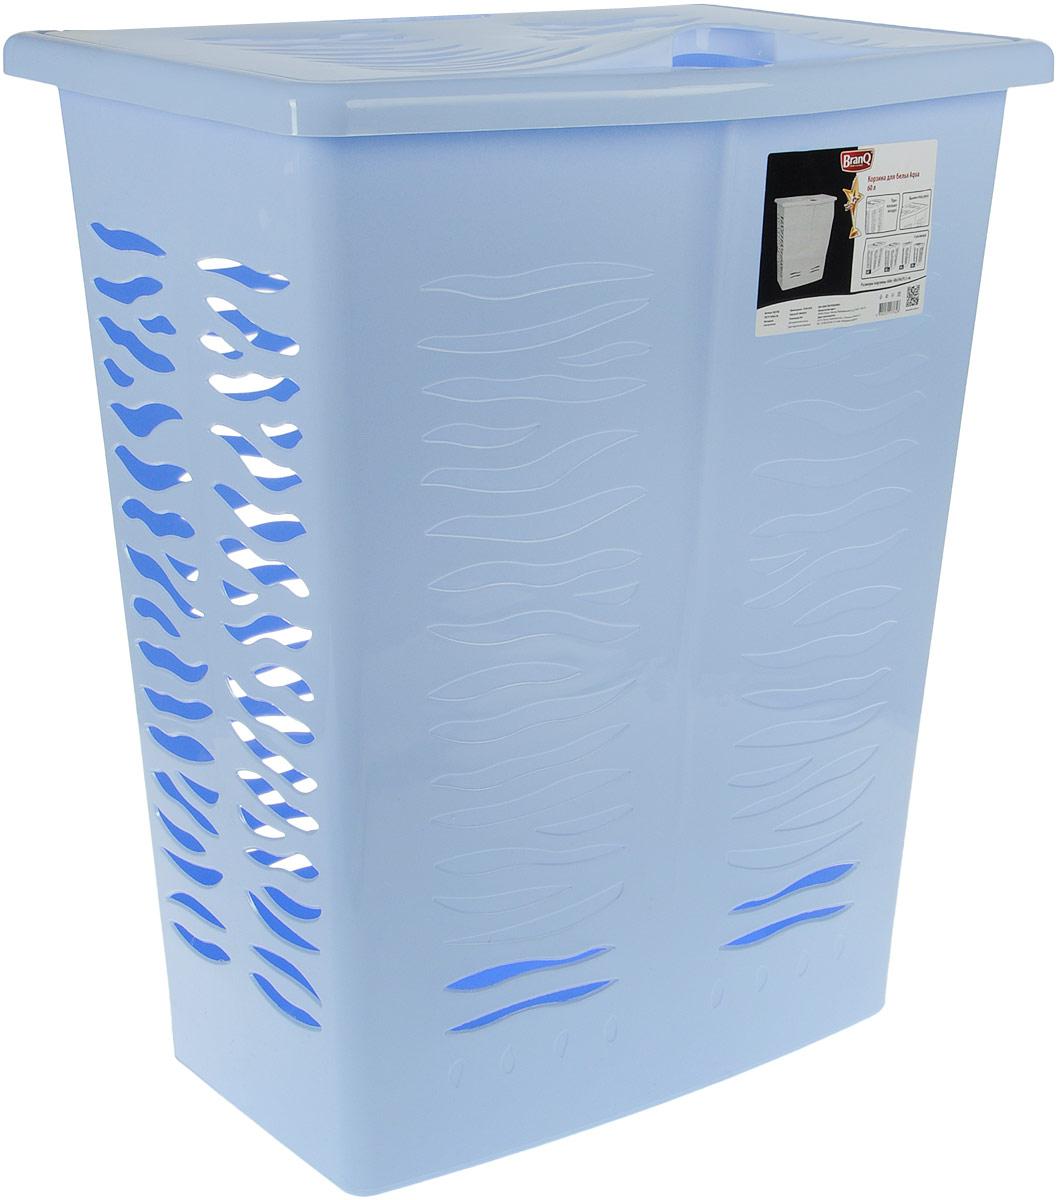 Корзина для белья BranQ Aqua, цвет: голубой, 60 л корзина для белья альтернатива угловая цвет голубой 45 л